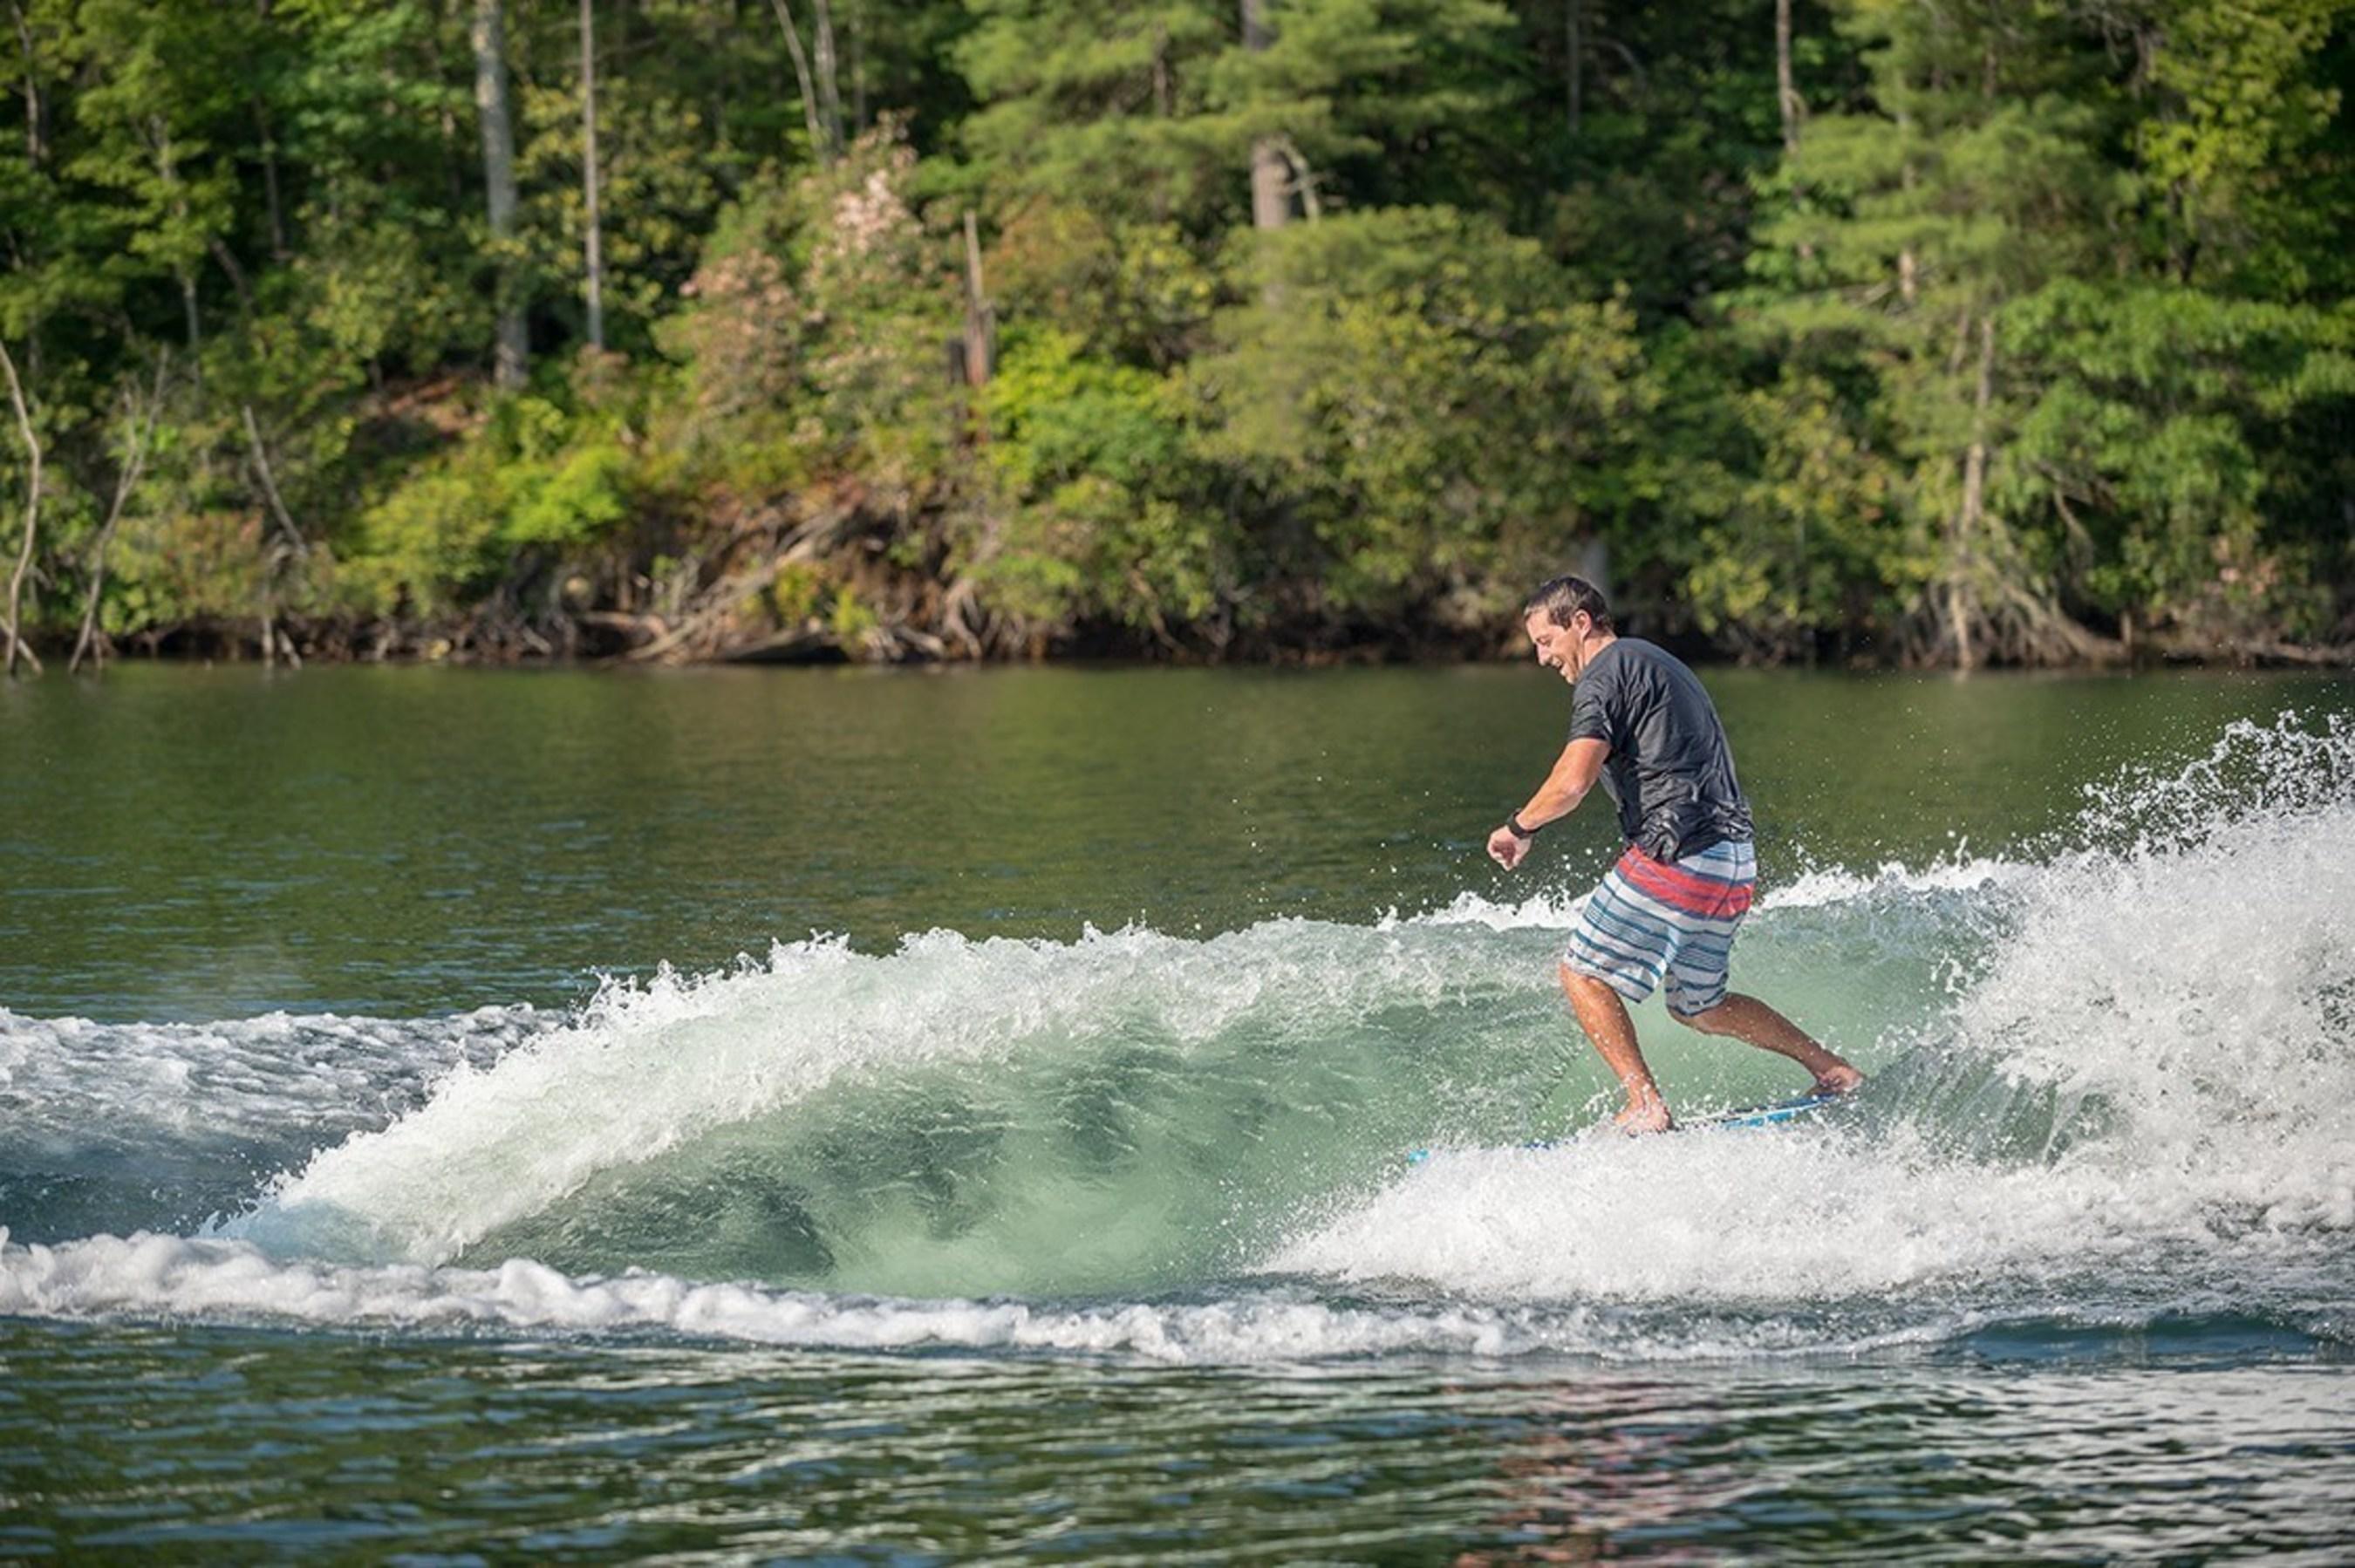 Surfer 4